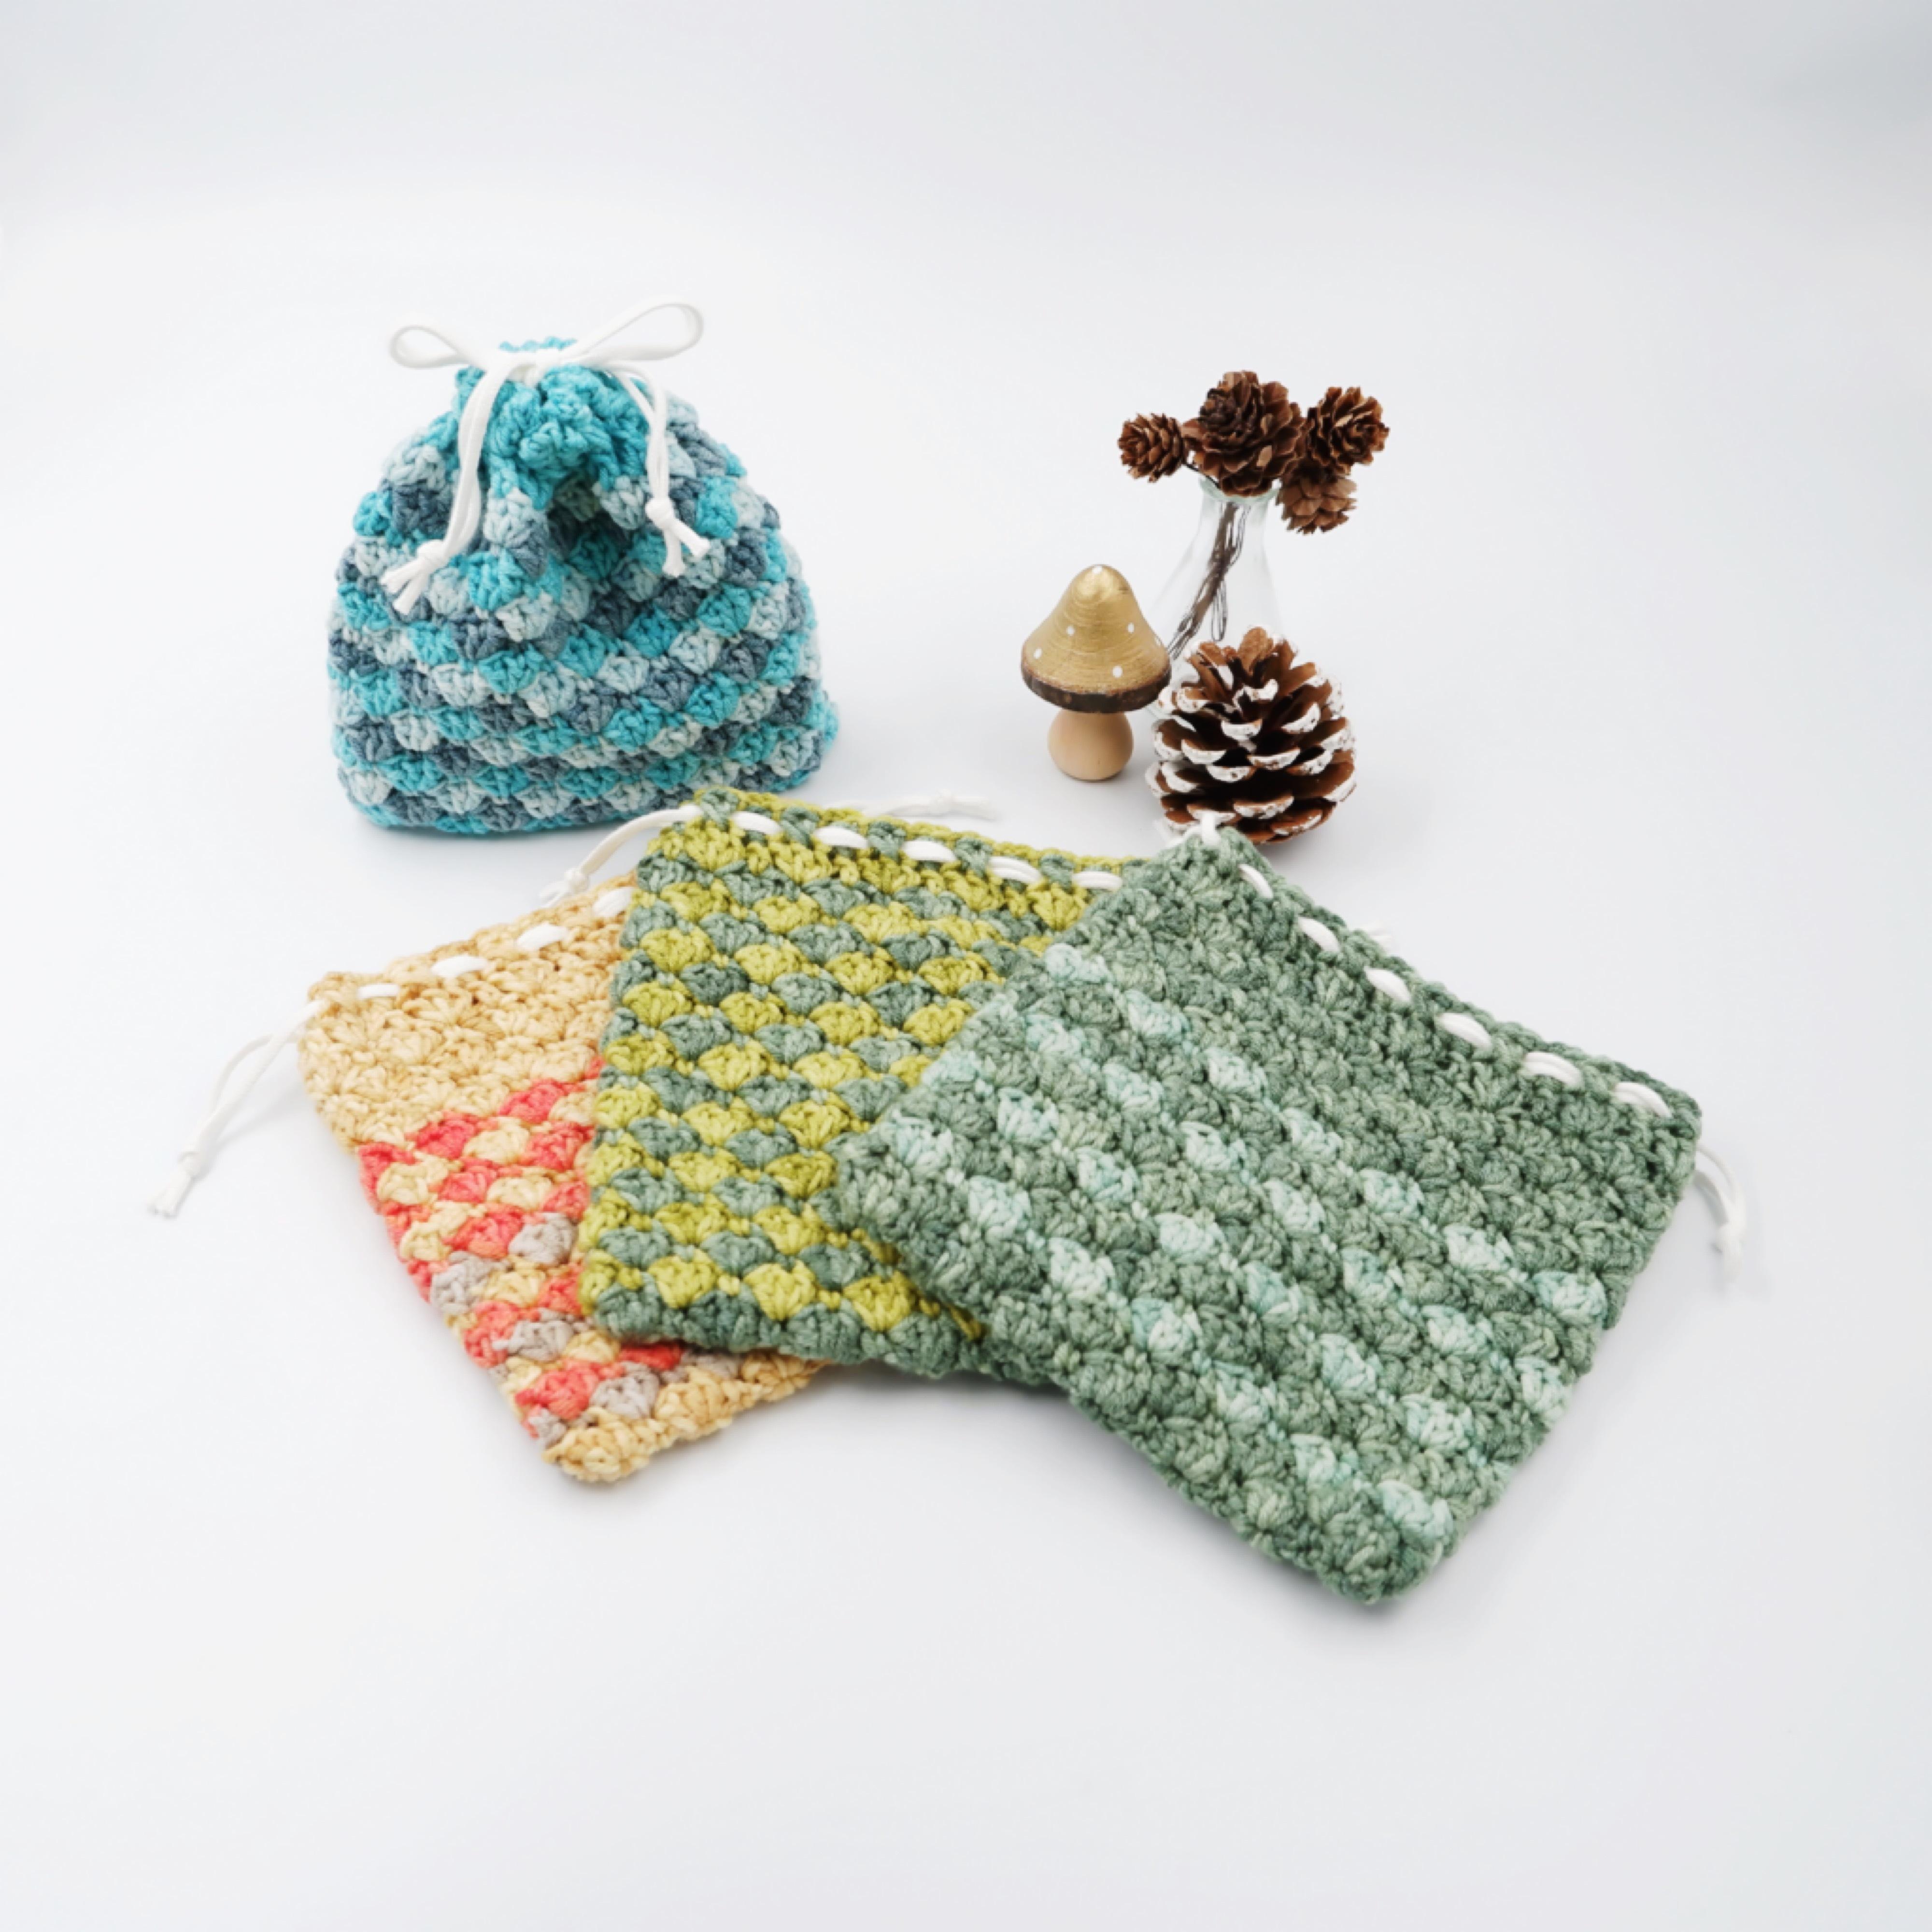 HanahanD 手編み雑貨 巾着 ウール 冬小物